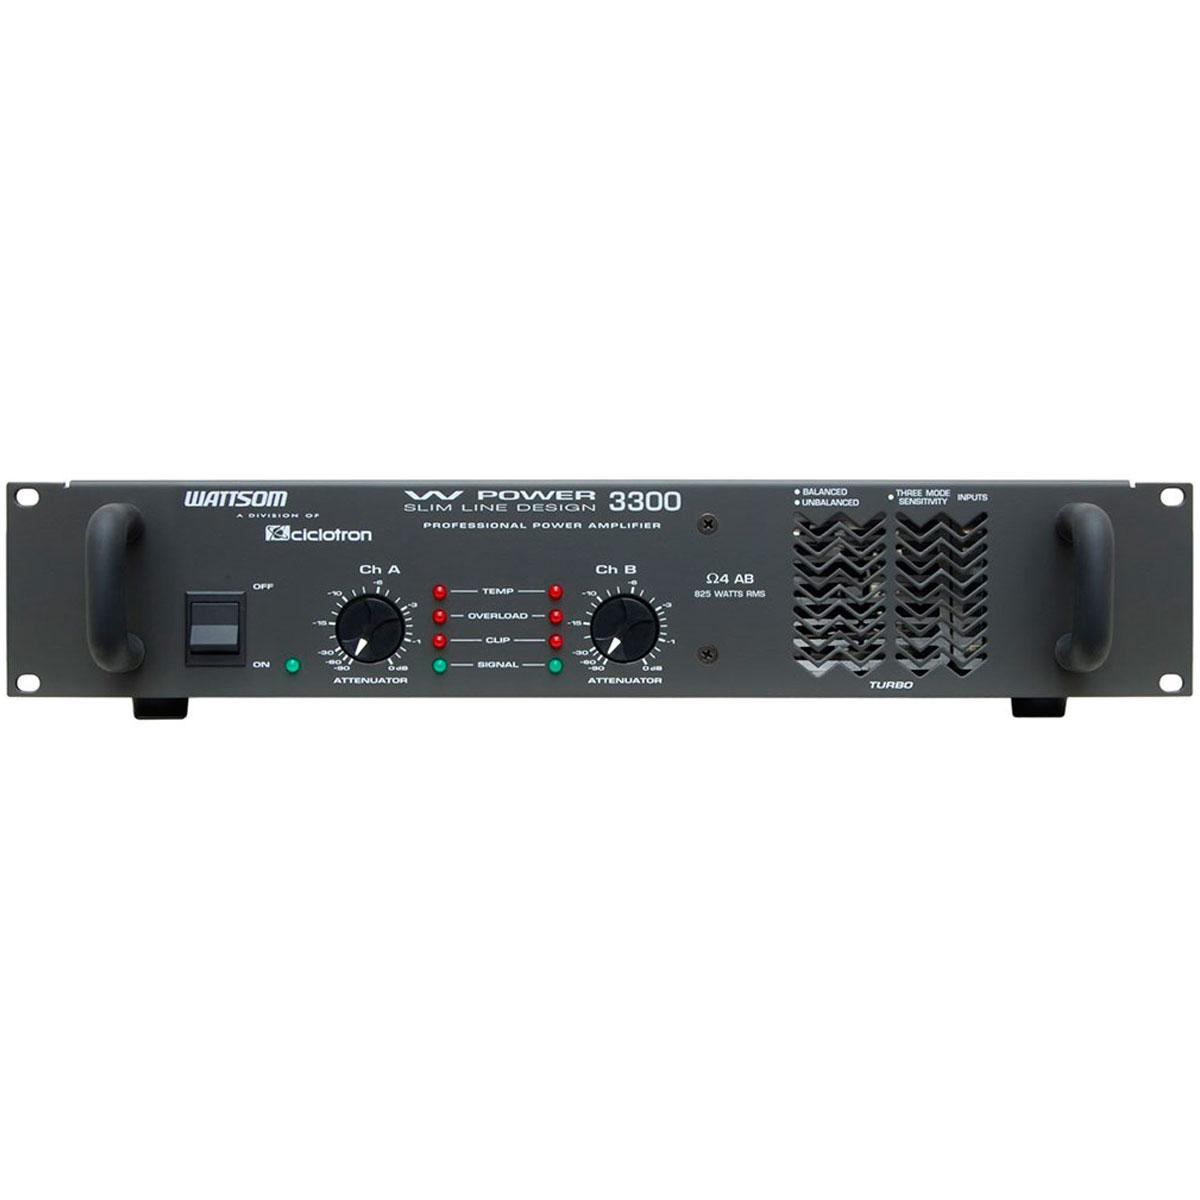 WPOWER3300 - Amplificador Estéreo 2 Canais 825W W POWER 3300 - Ciclotron